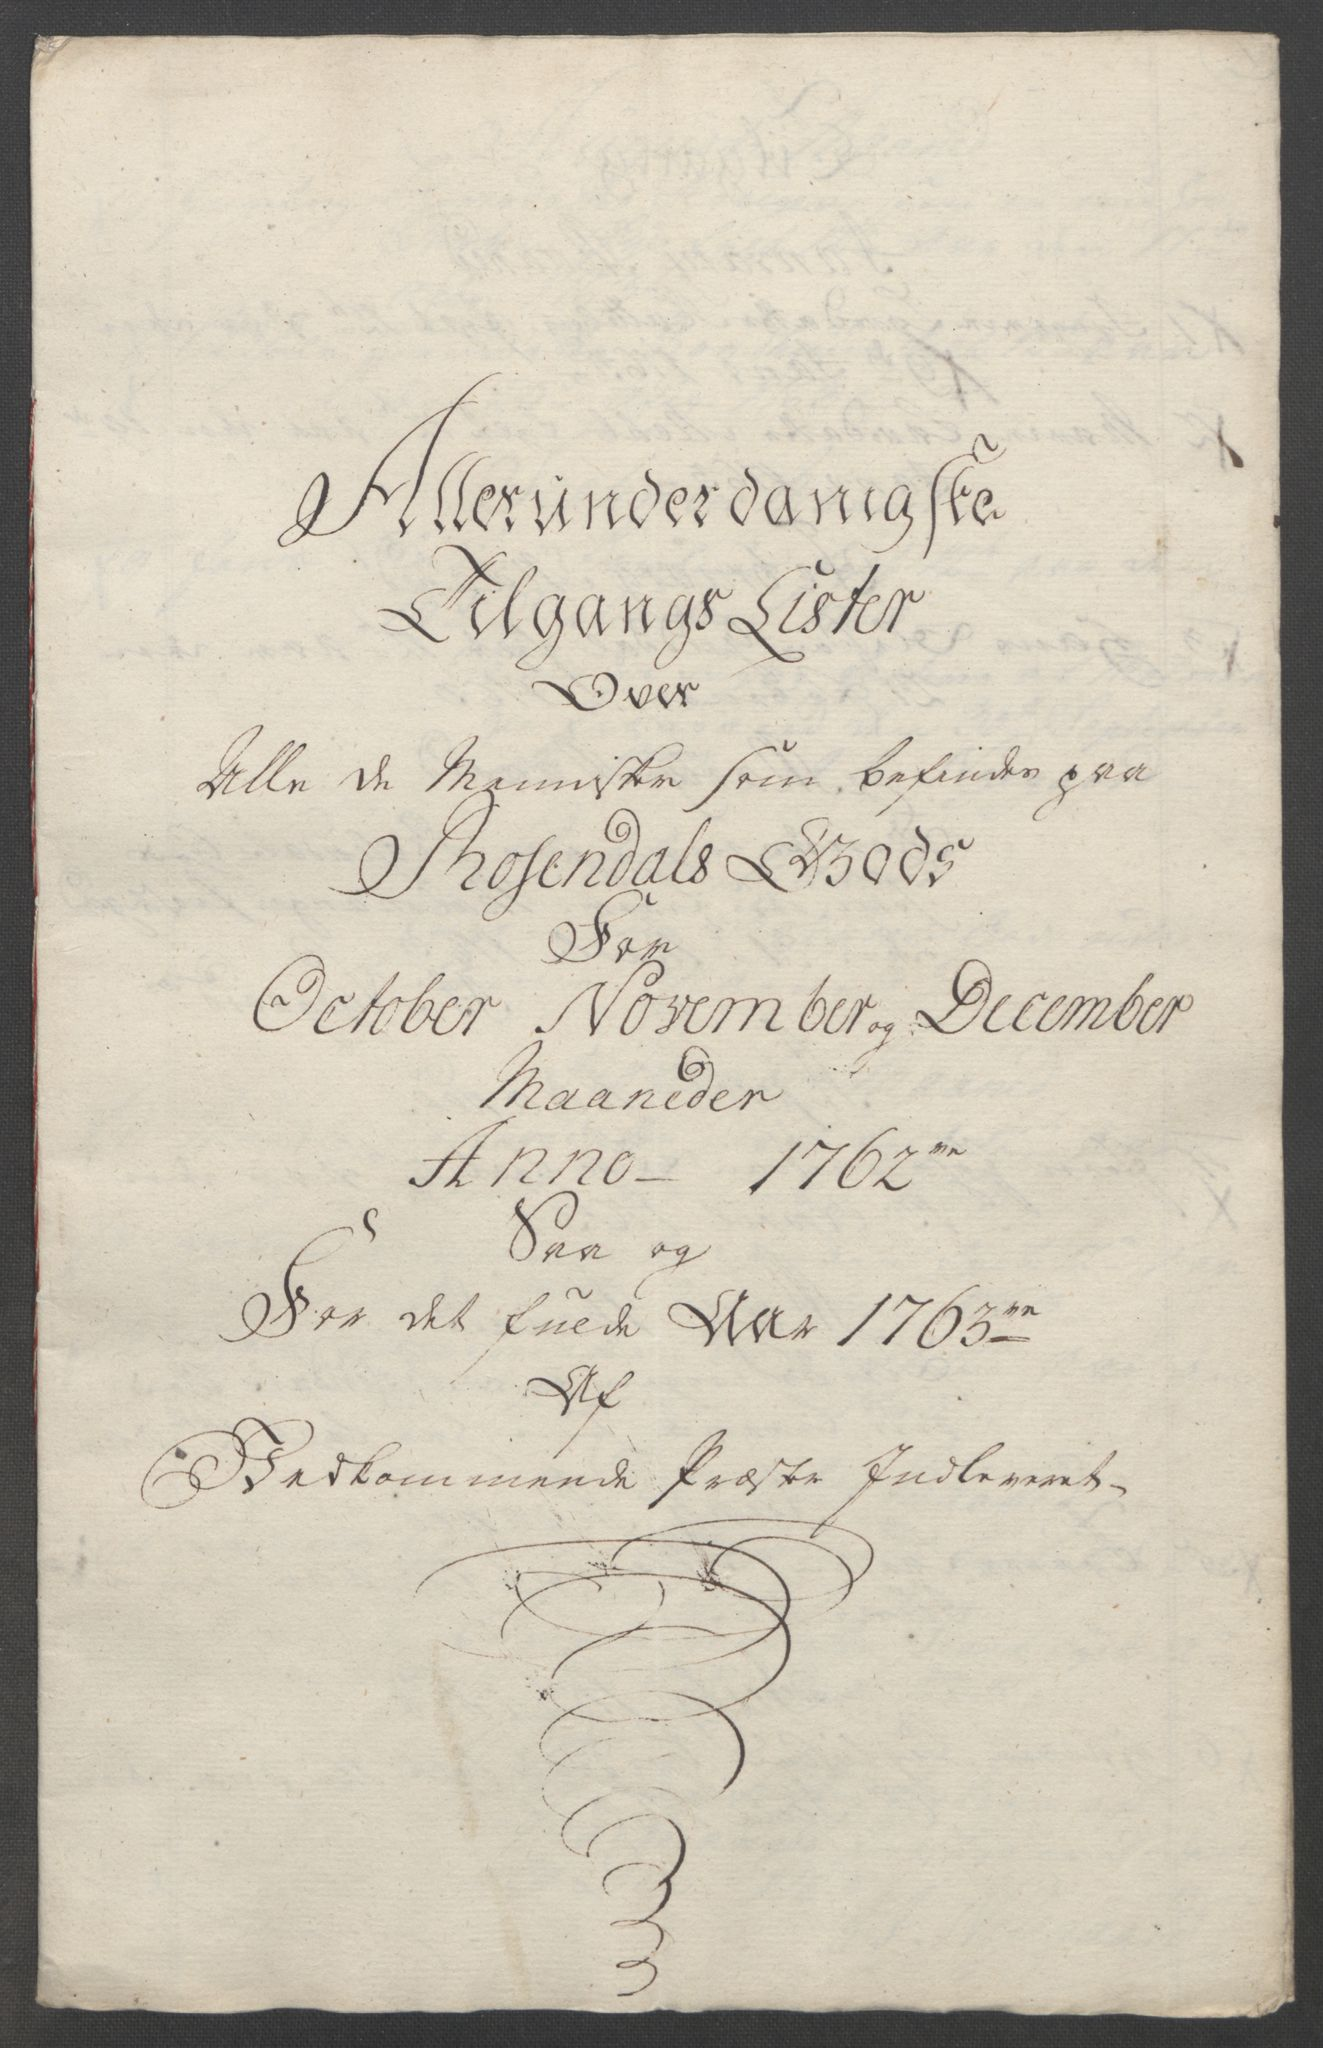 RA, Rentekammeret inntil 1814, Reviderte regnskaper, Fogderegnskap, R49/L3157: Ekstraskatten Rosendal Baroni, 1762-1772, s. 34